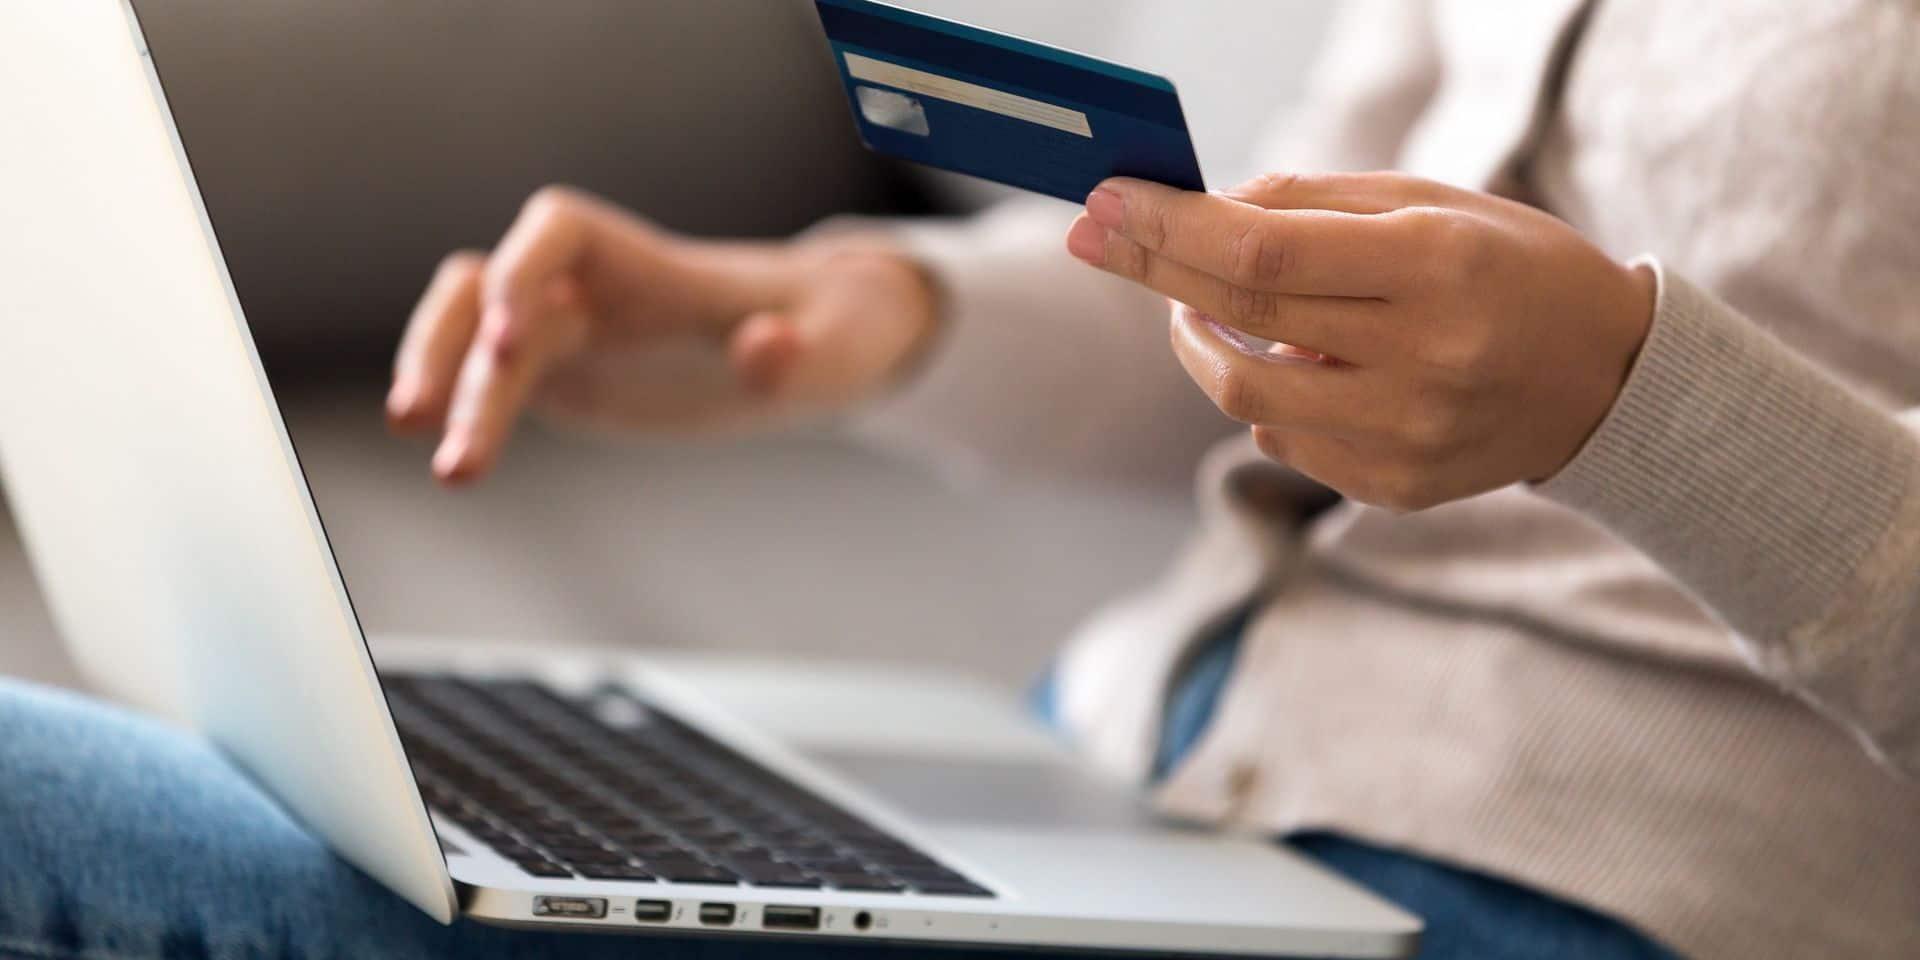 Le gouvernement recalé sur l'accès plus direct aux comptes bancaires